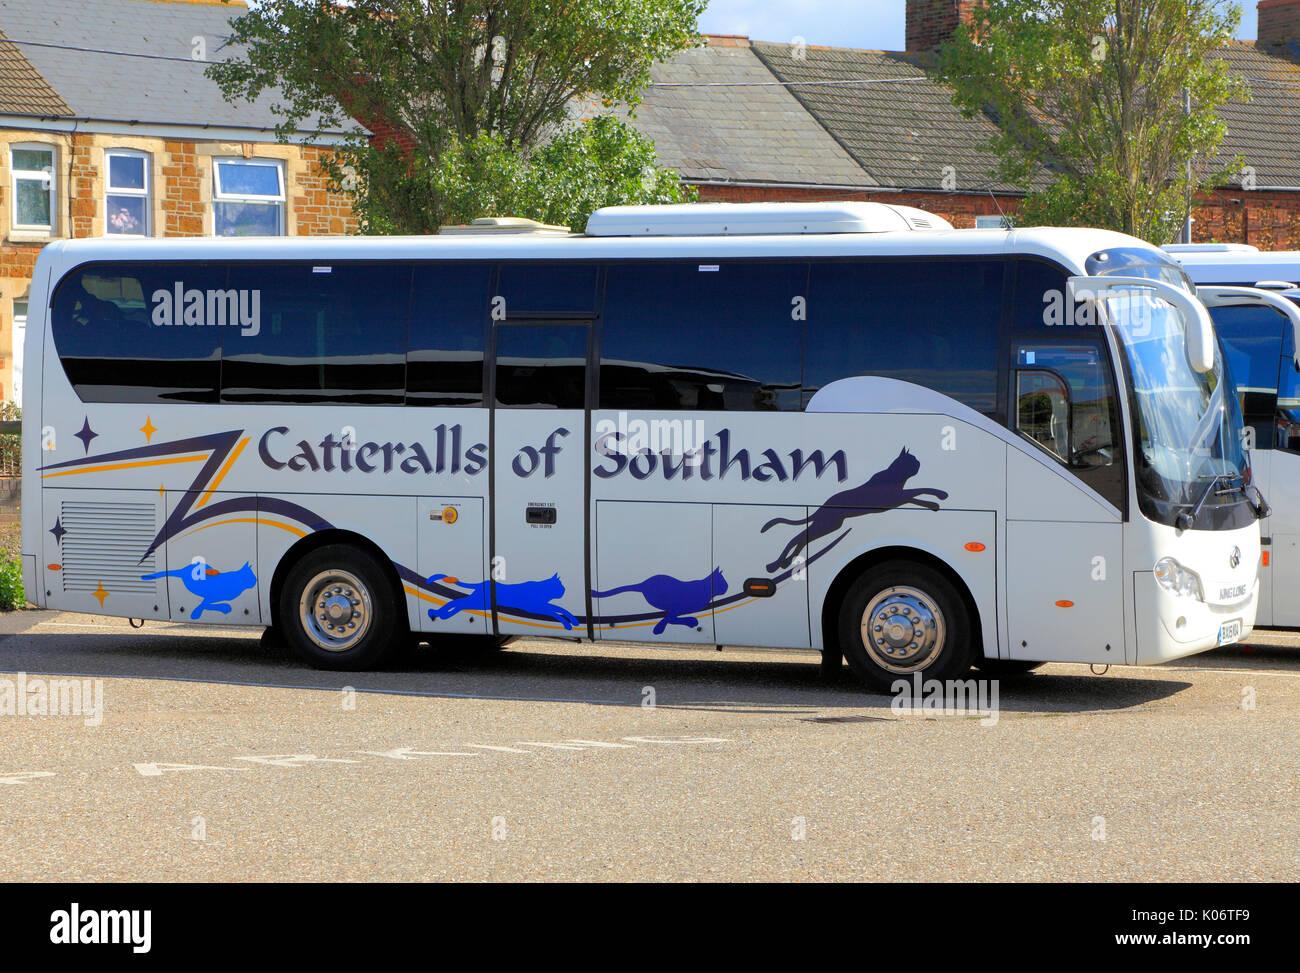 De Catteralls Southam, entrenadores, coach, día de viaje, viajes, excursiones, excursiones, agencia de viajes, compañías de transporte, vacaciones, Inglaterra, Reino Unido. Imagen De Stock